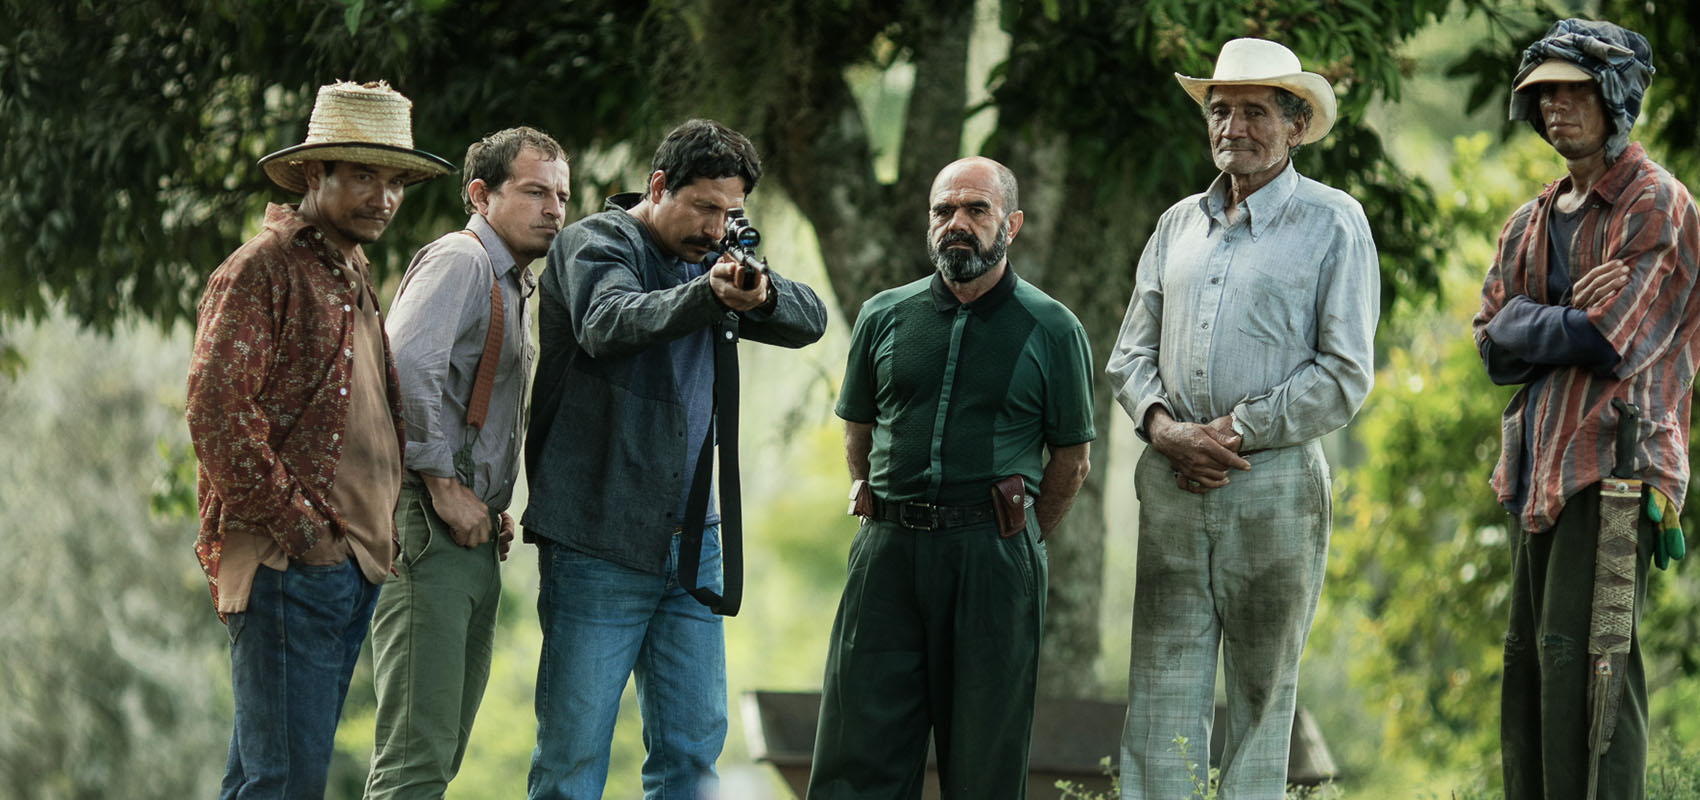 'Pariente', la película santandereana que representará a Colombia en los Óscar 2018